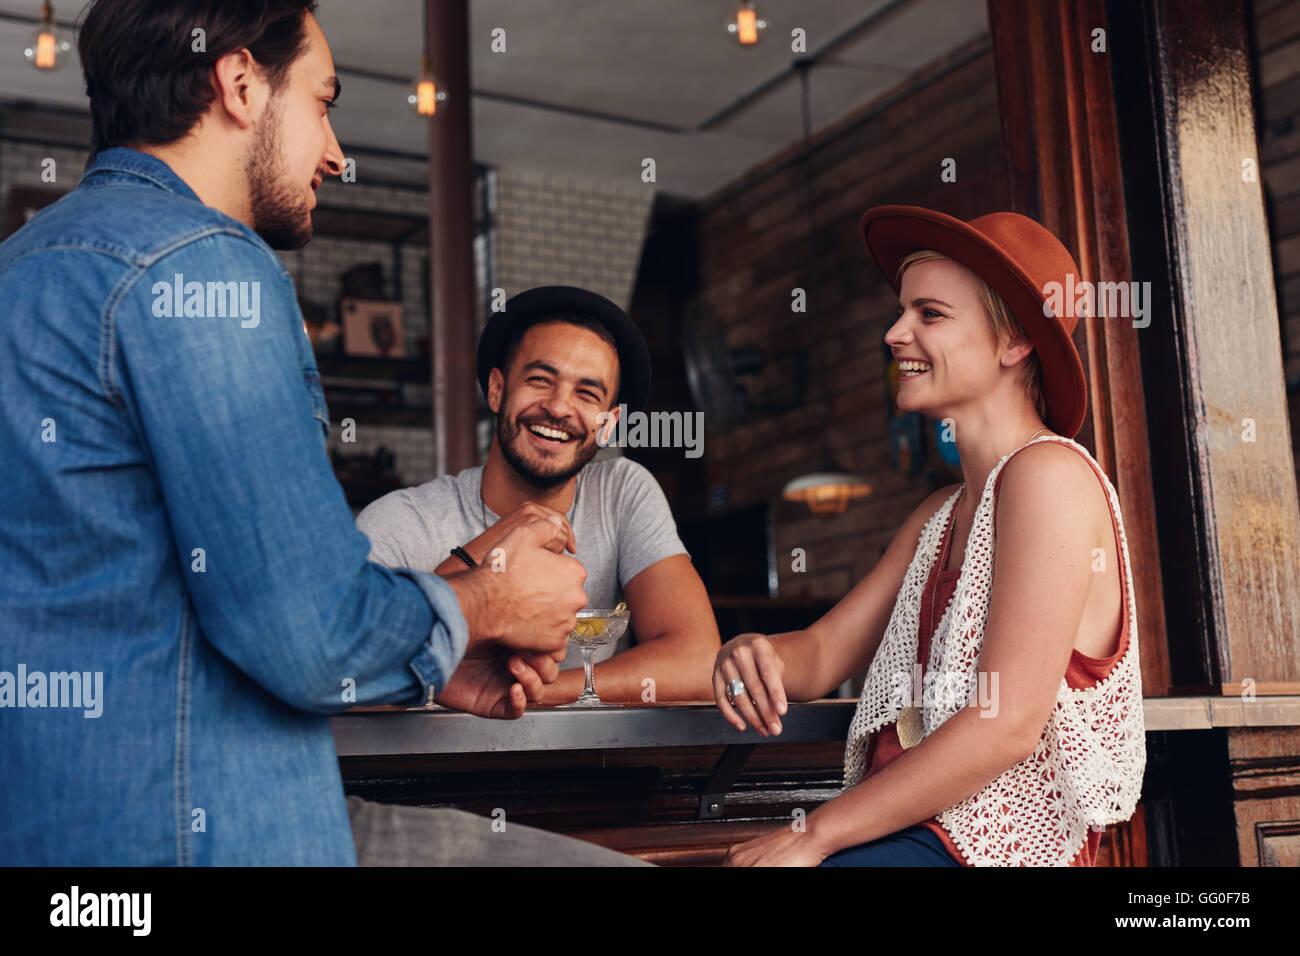 Junge Männer und Frauen sitzen zusammen und reden in einem Café. Gruppe von jungen Freunden in einem Café Stockbild